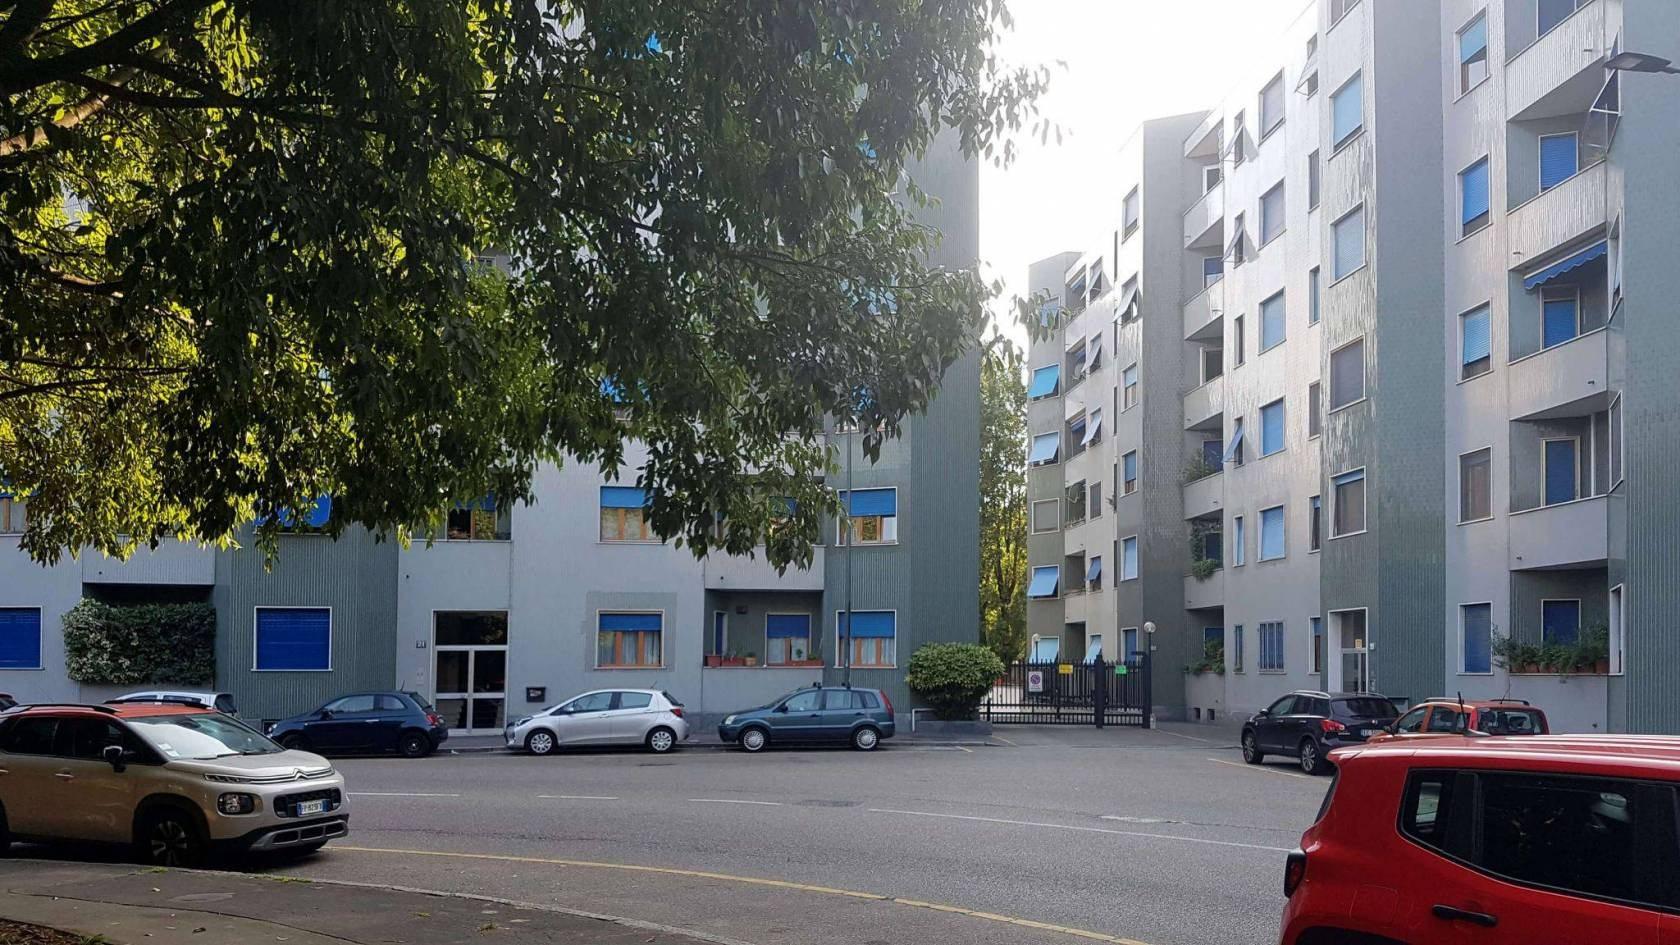 appartamento-in-vendita-milano-baggio-san-siro-forze-armate-quadrilocale-4-locali-quattro-spaziourbano-immobiliare-vende-15